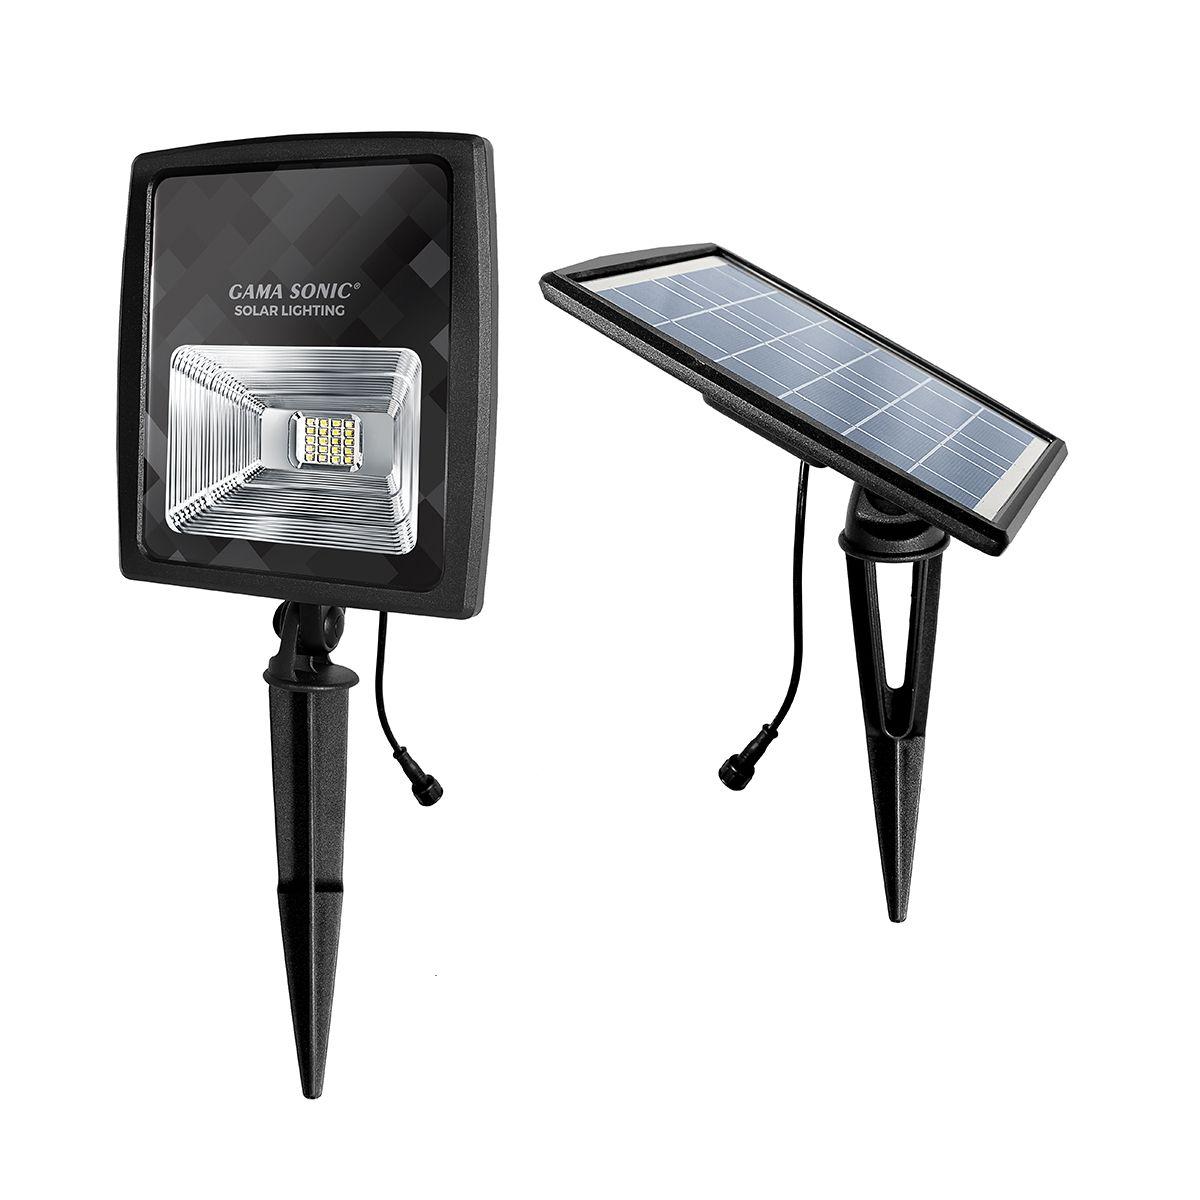 Gama Sonic Gs 203 Solar Flood Light 250 Lumens Greenlytes In 2021 Solar Flood Lights Flood Lights Solar Powered Flood Lights Solar powered flood light dusk to dawn